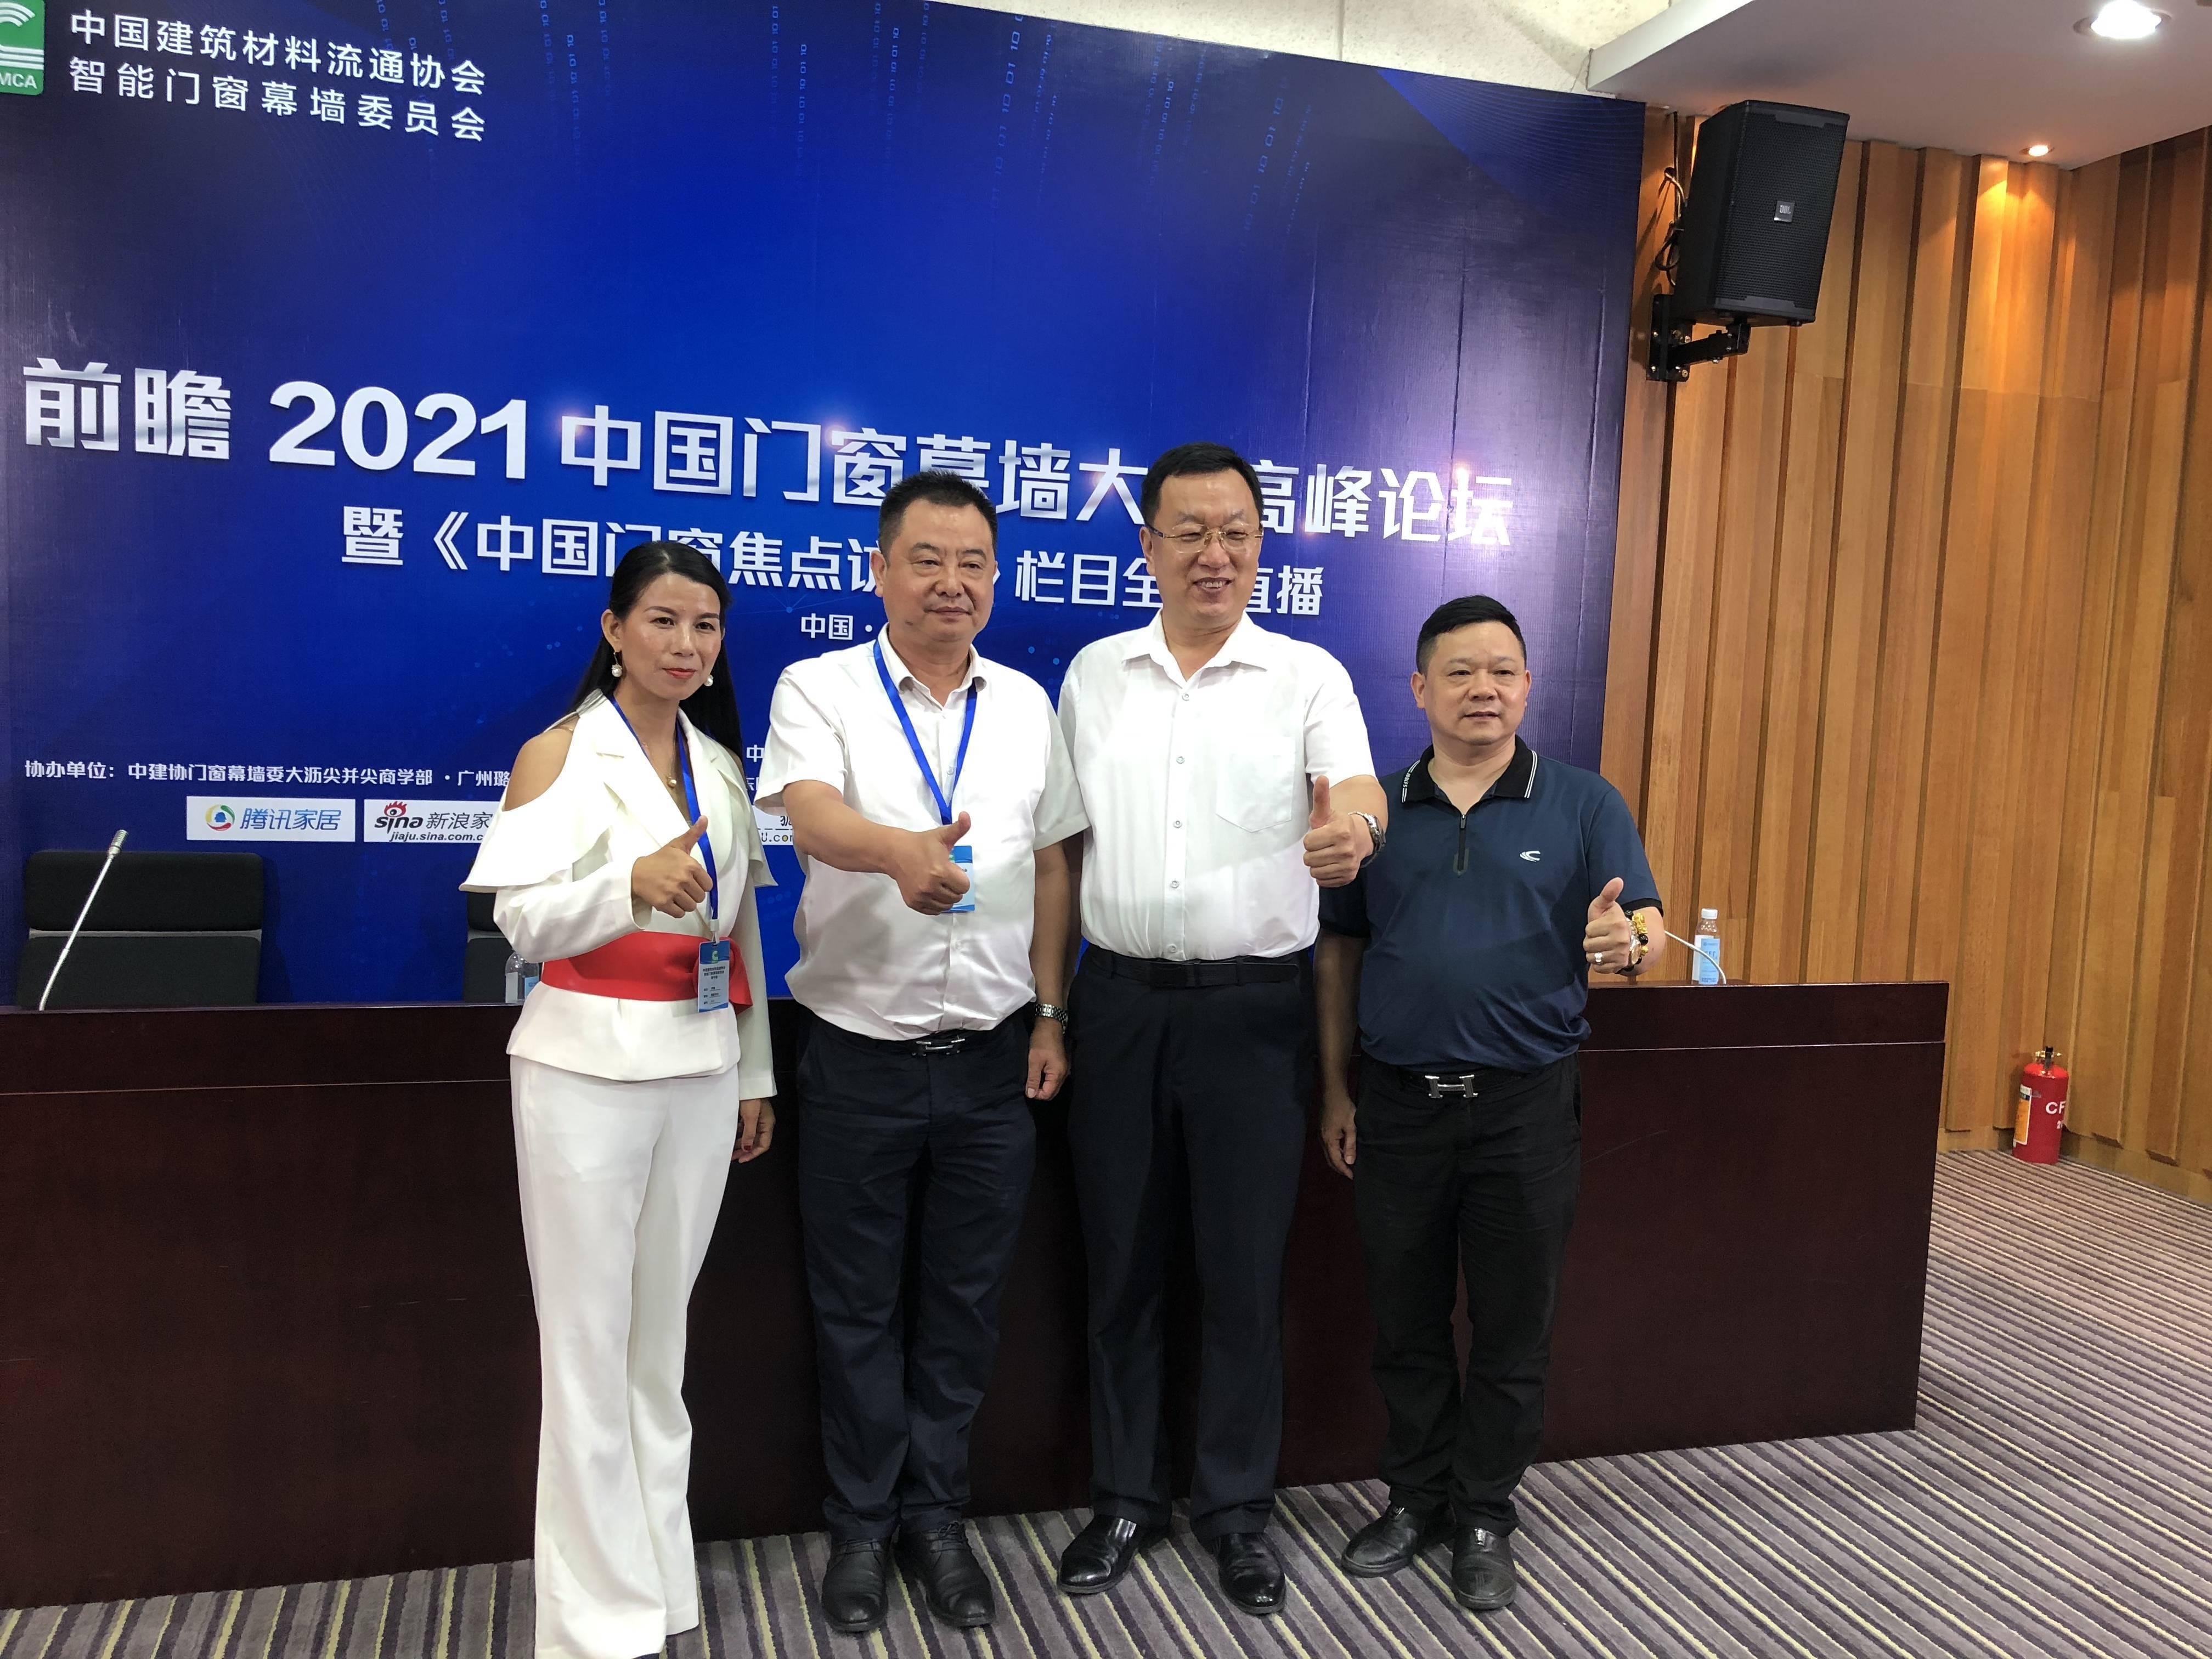 前瞻2021中国门窗幕墙大会高峰论坛暨《中国门窗焦点访谈》栏目直播成功举办!